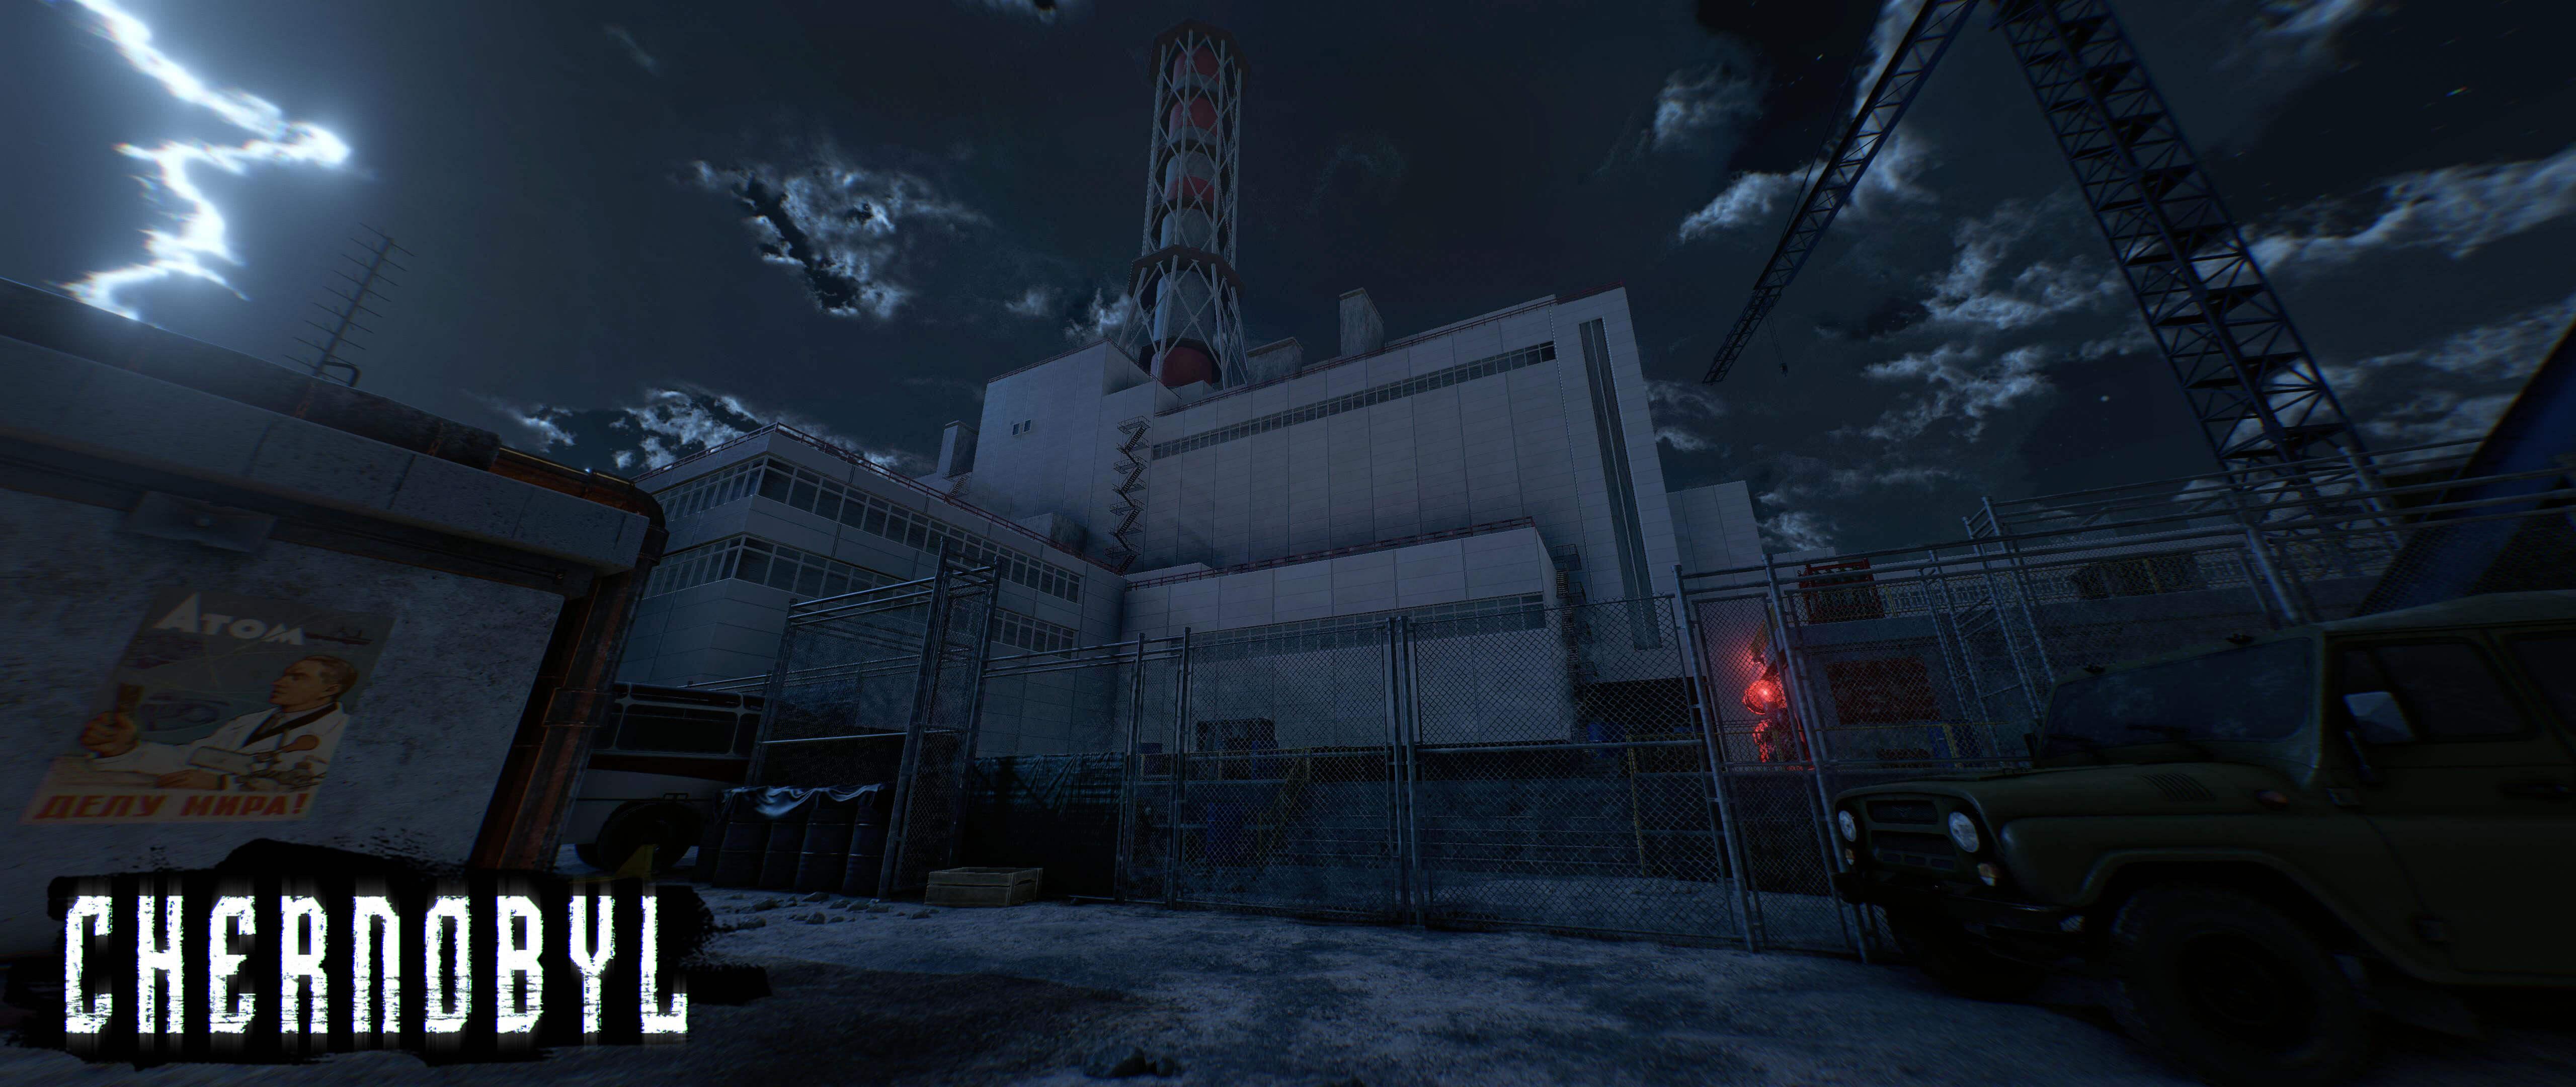 chrnobyl 7.jpg